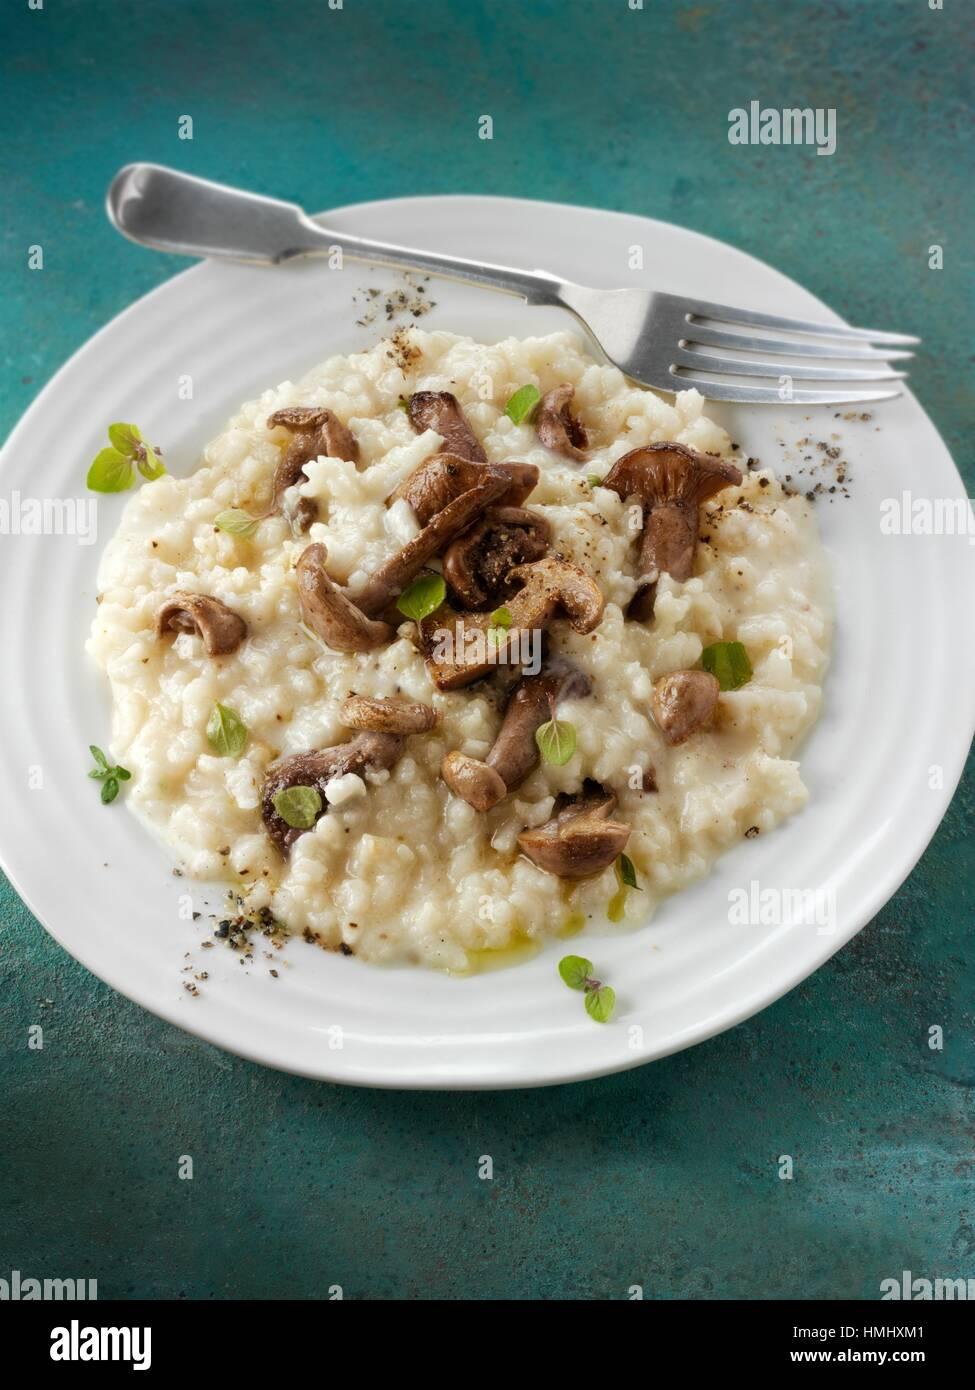 Sautierte Wiild organischer Pied Bleu Pilze (Clitocybe Nuda) oder blauen Fuß Pilze gekocht in Butter und Kräuter Stockfoto